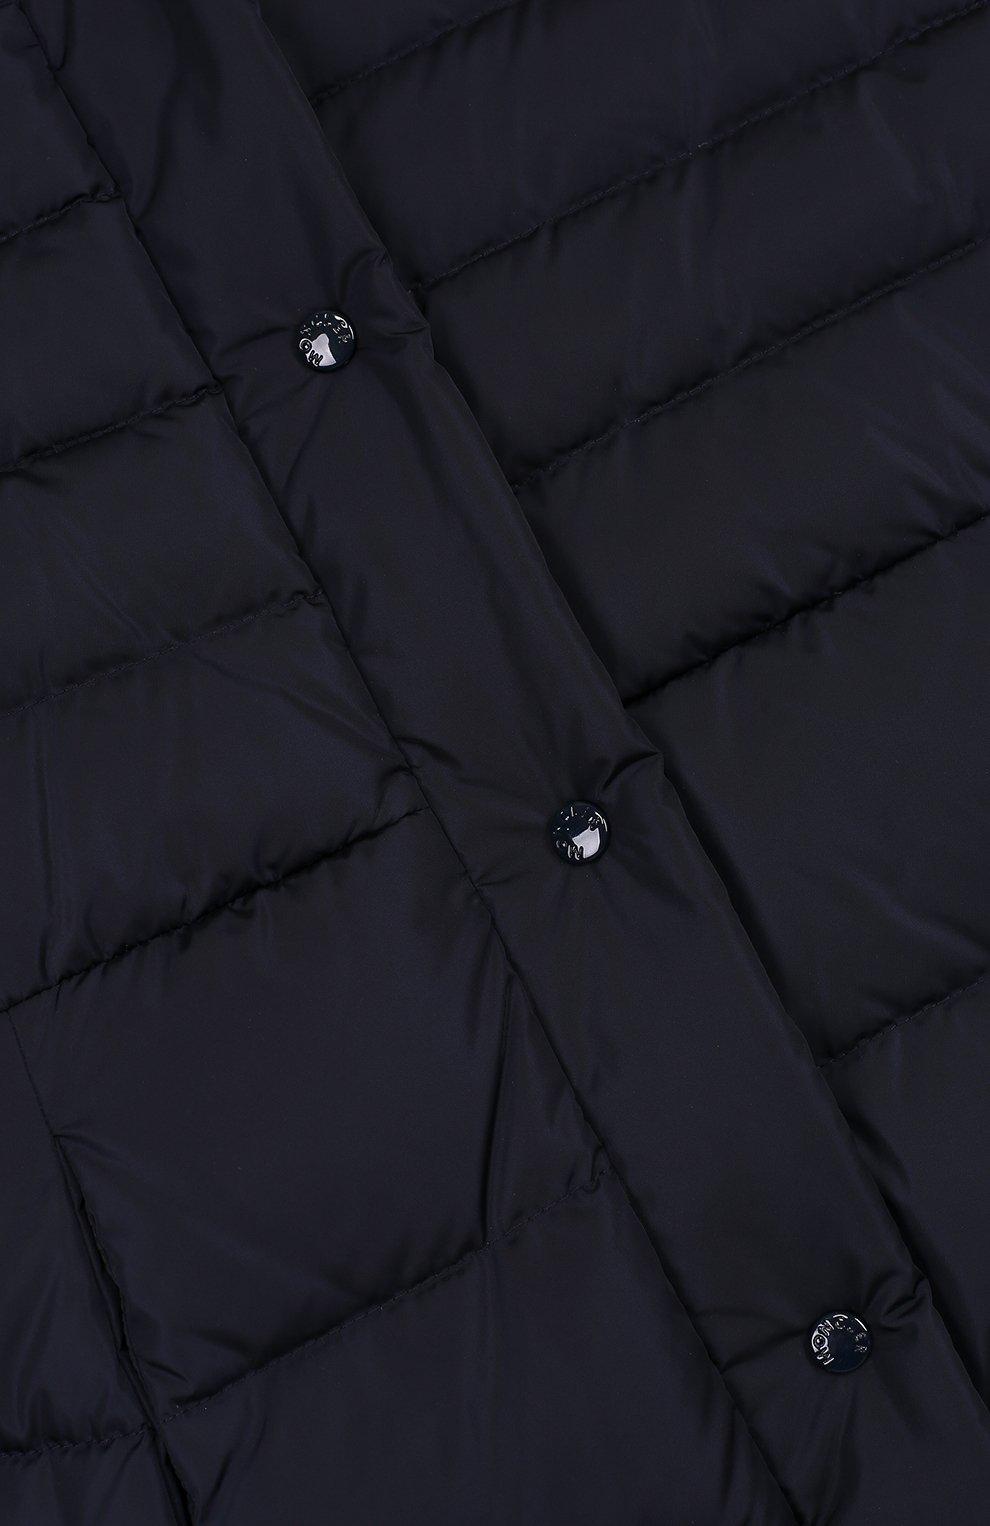 Пуховое пальто с меховой отделкой на капюшоне | Фото №3